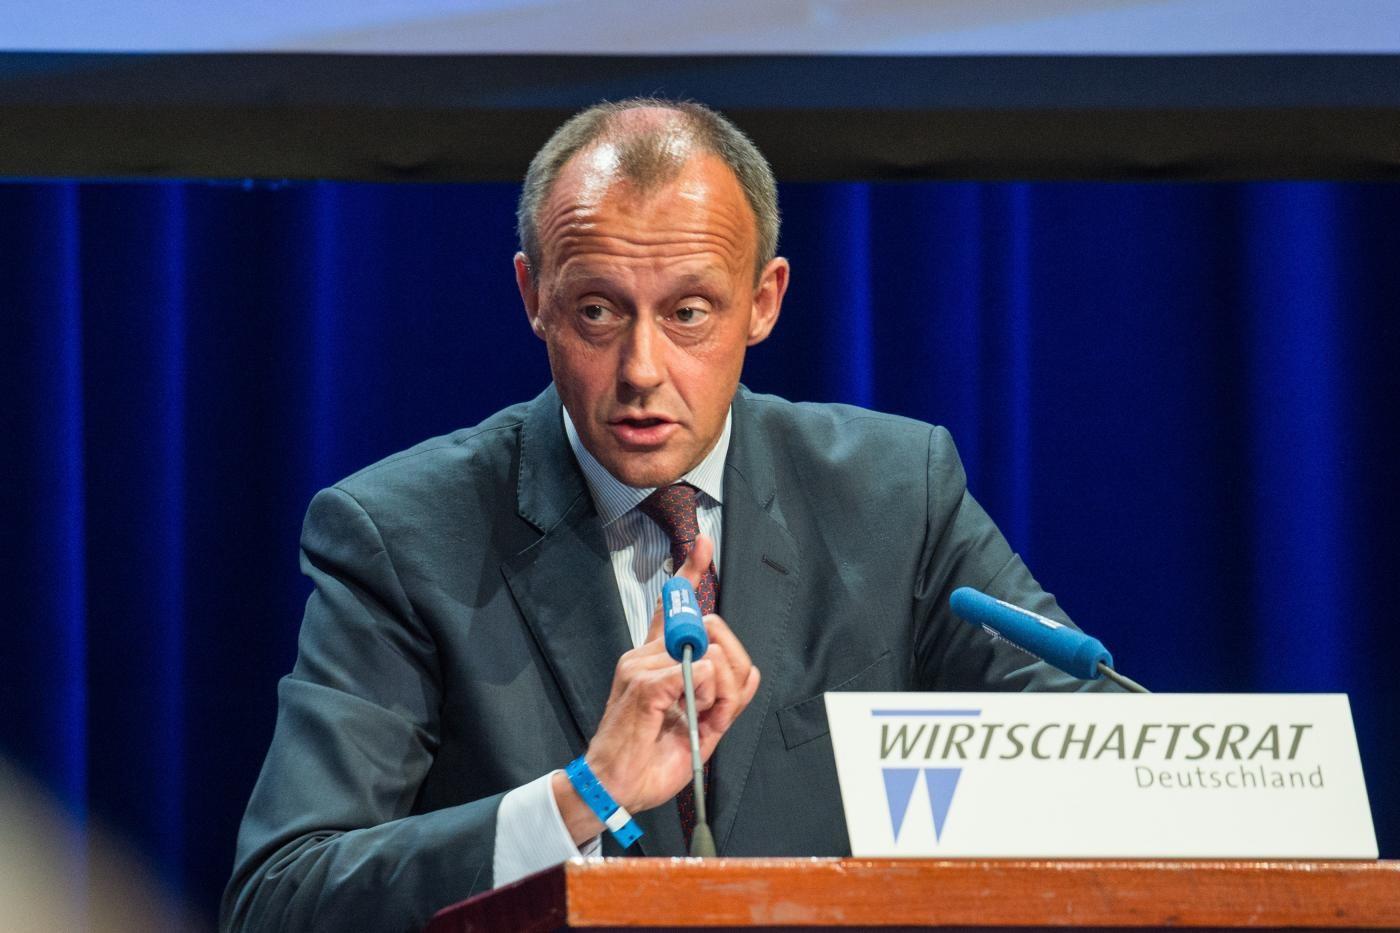 Germania, Merz annuncia la sua candidatura alla presidenza della Cdu